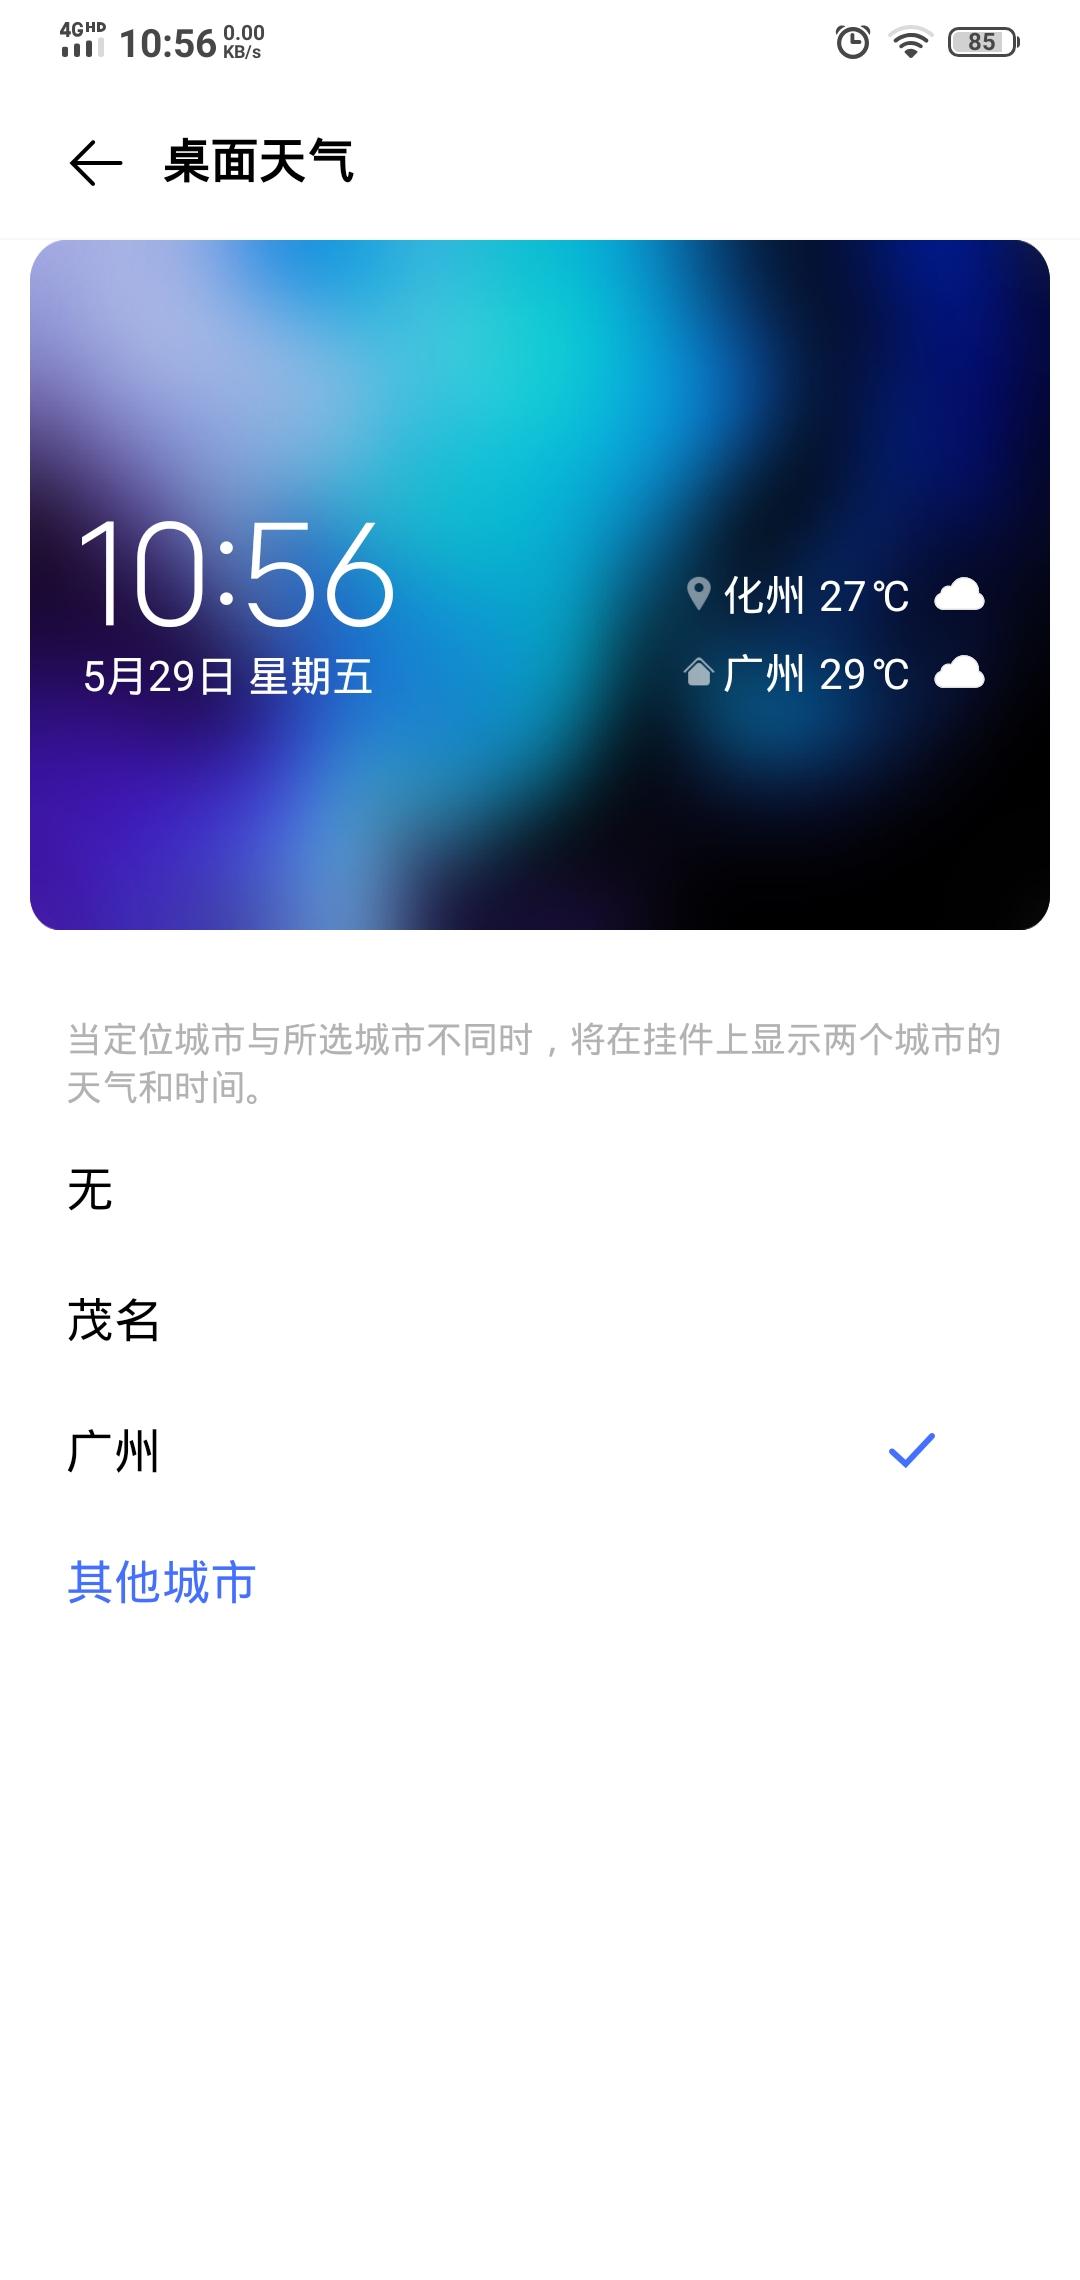 Screenshot_20200529_105622.jpg